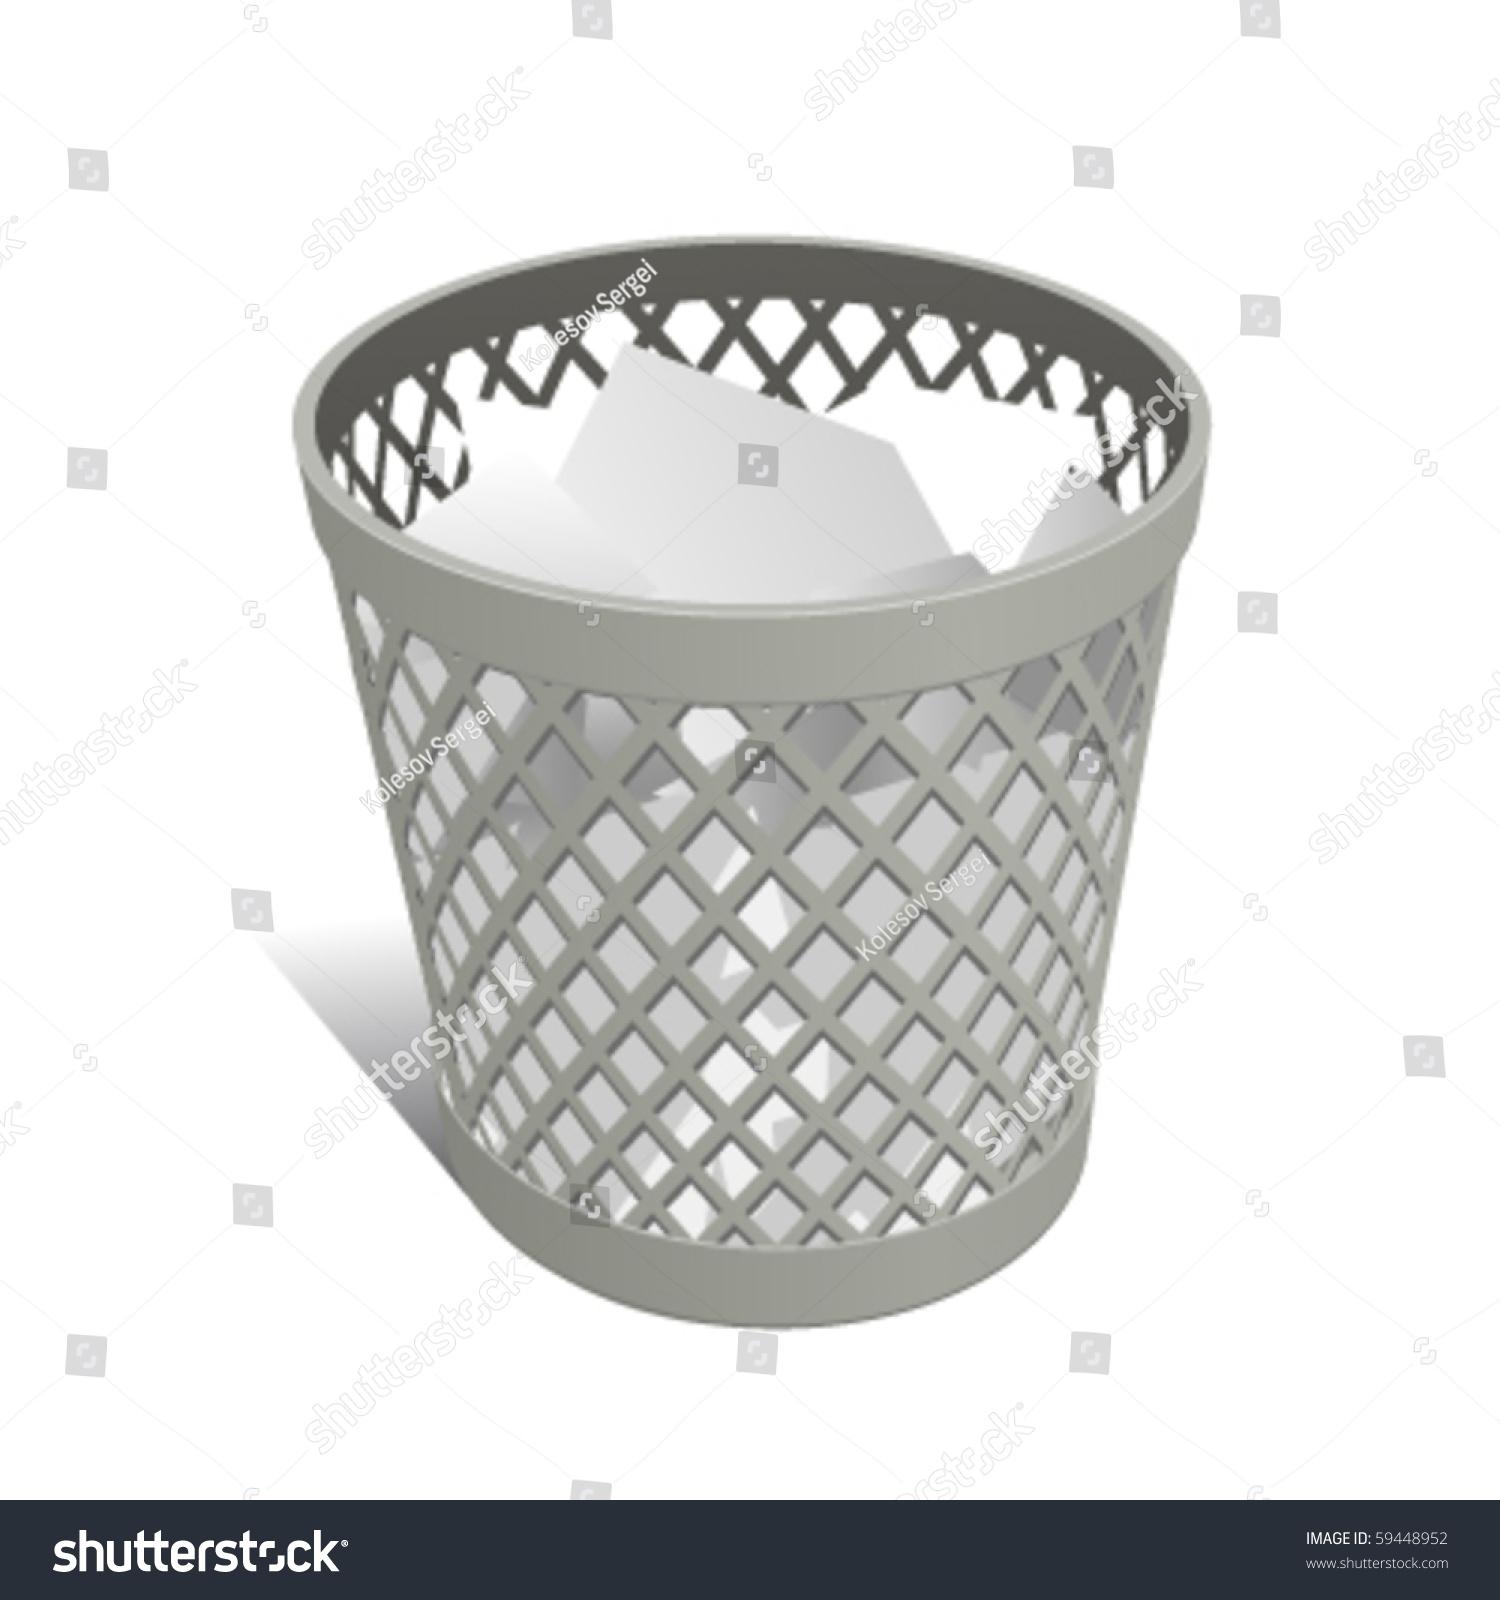 Wastepaper Basket Wastepaper Basket White Full Stock Vector 59448952  Shutterstock